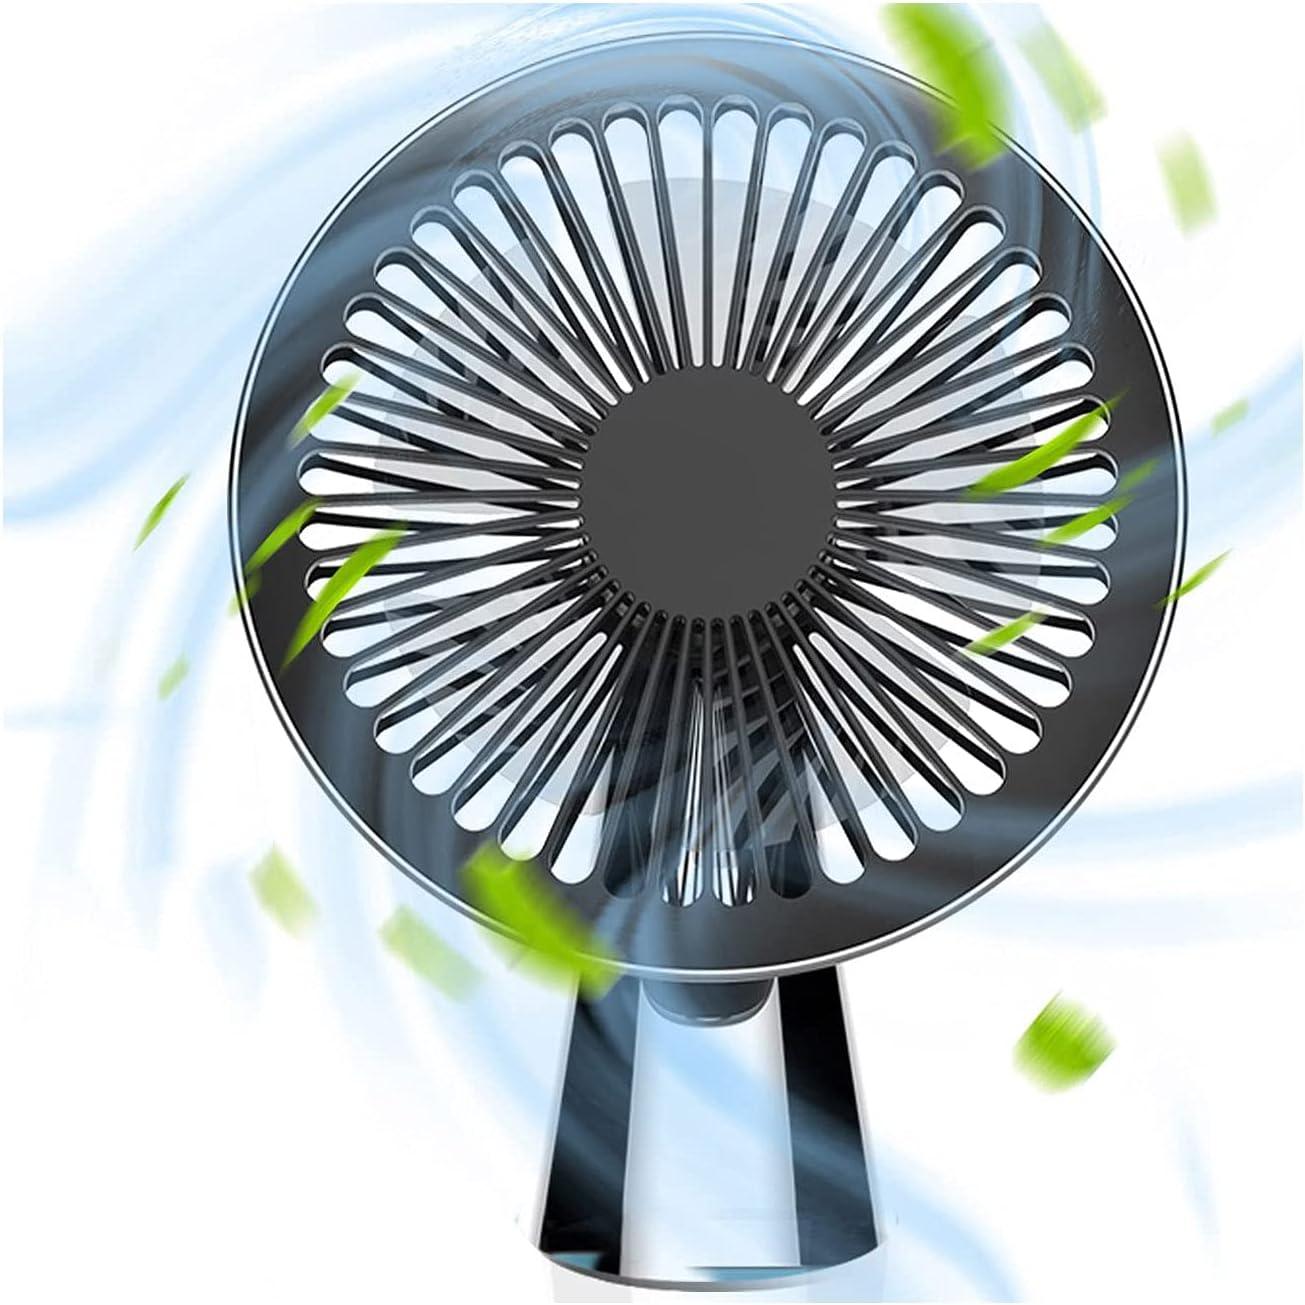 WACZJ Portable Desk USB Fan 1800 Rechargeable 3 Spee Mah Phoenix Mall Battery Popular brand in the world